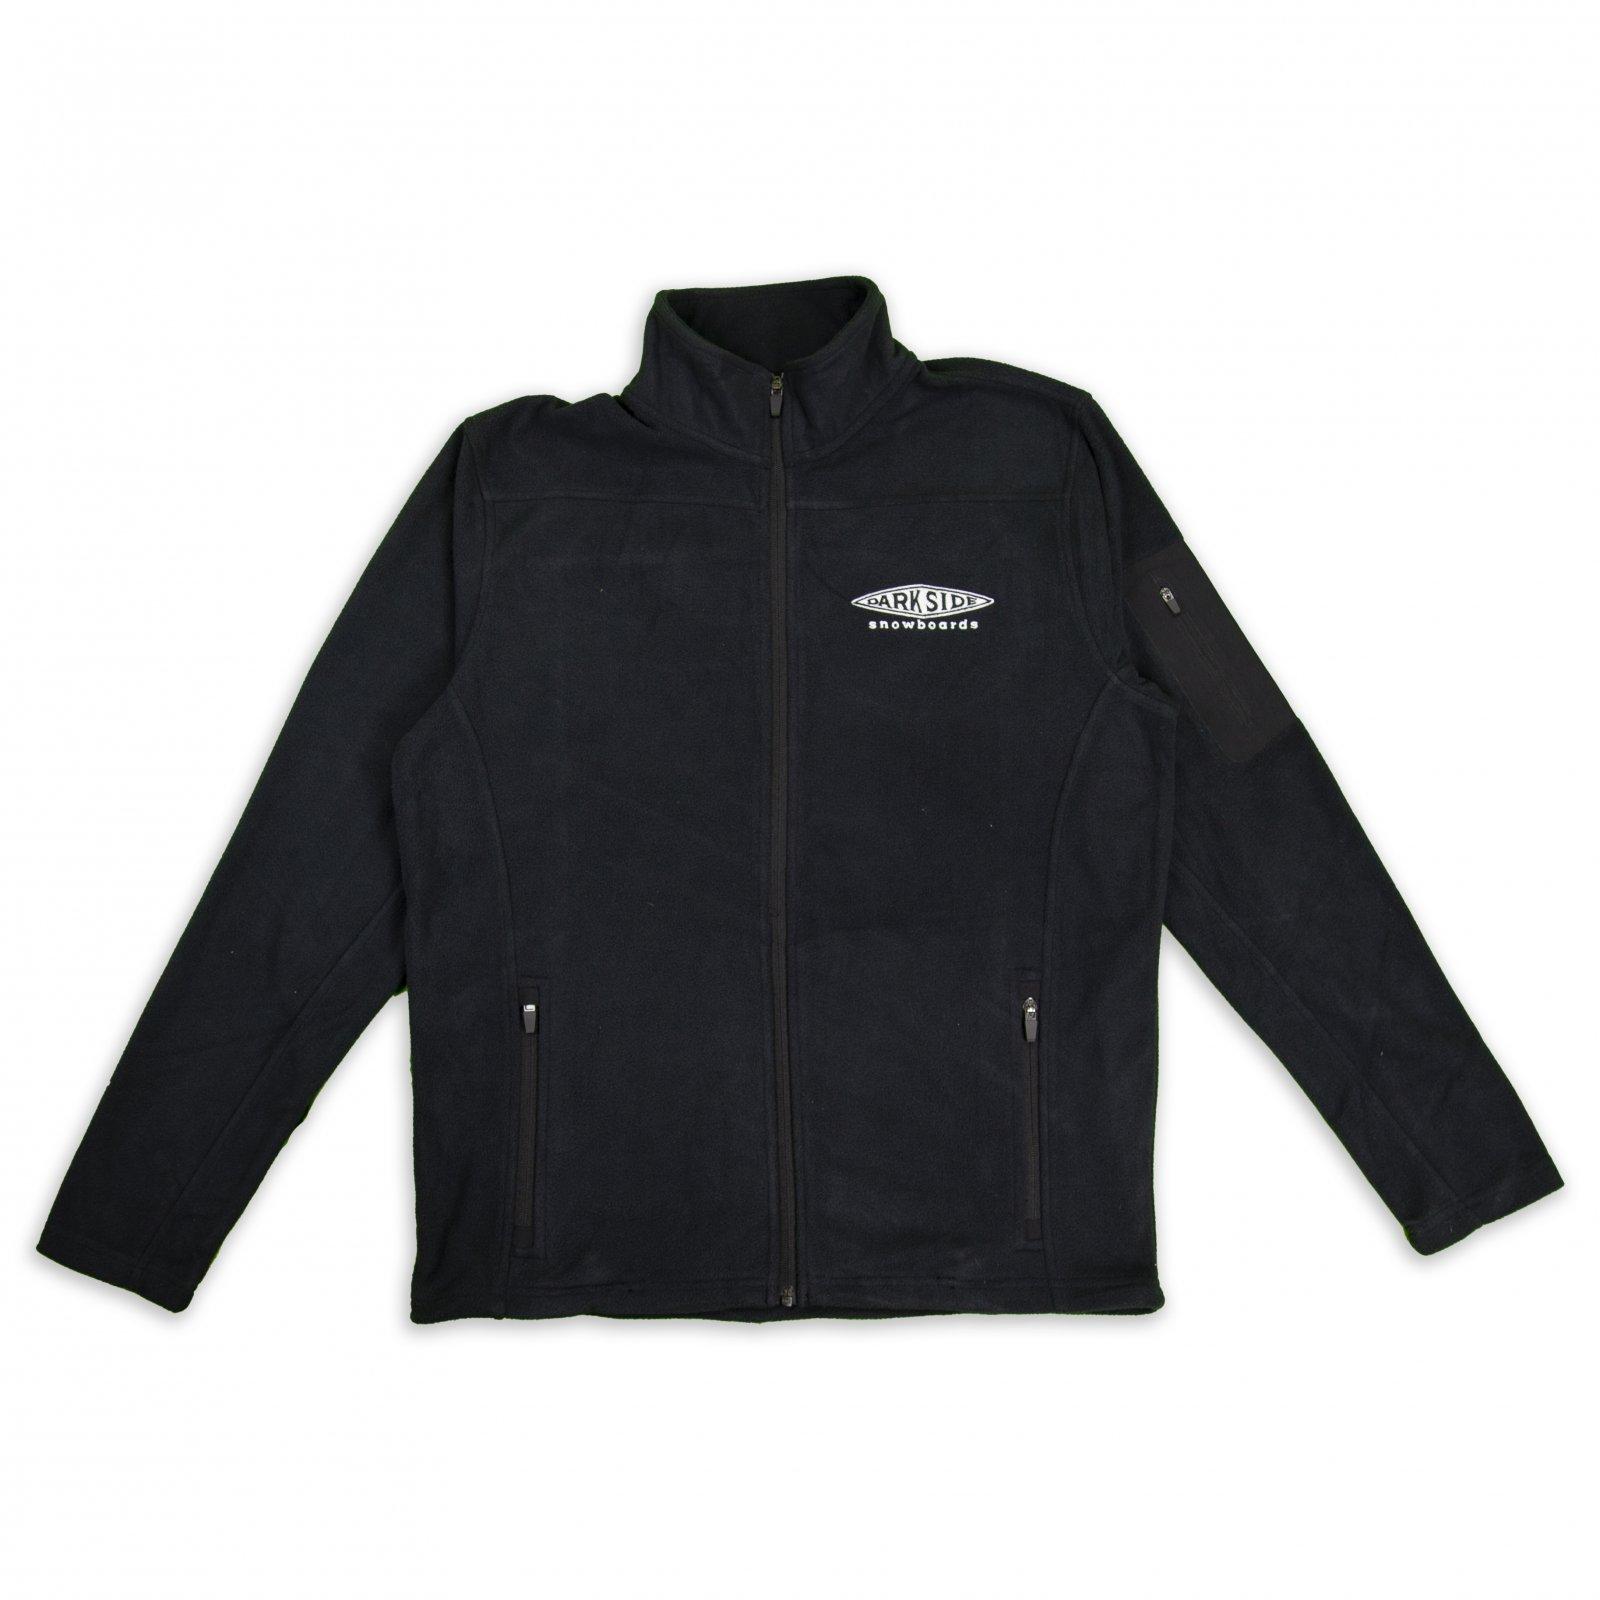 Darkside OG Diamond Fleece Full-Zip Jacket